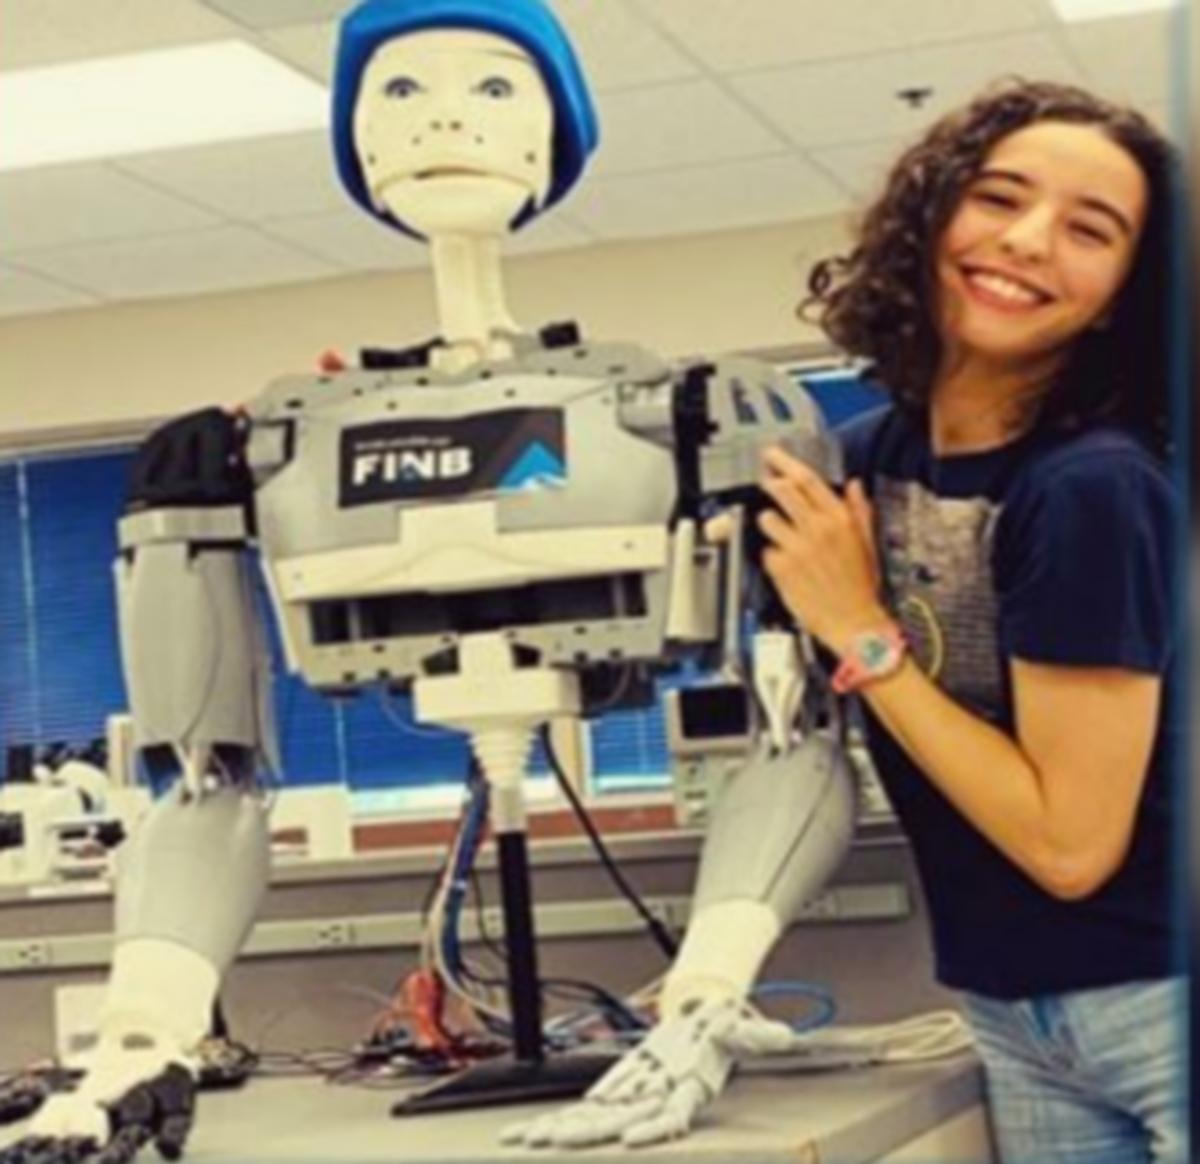 آية العفاس  تنجح في تصنيع روبوت مخصّص لمساعدة كبار السن